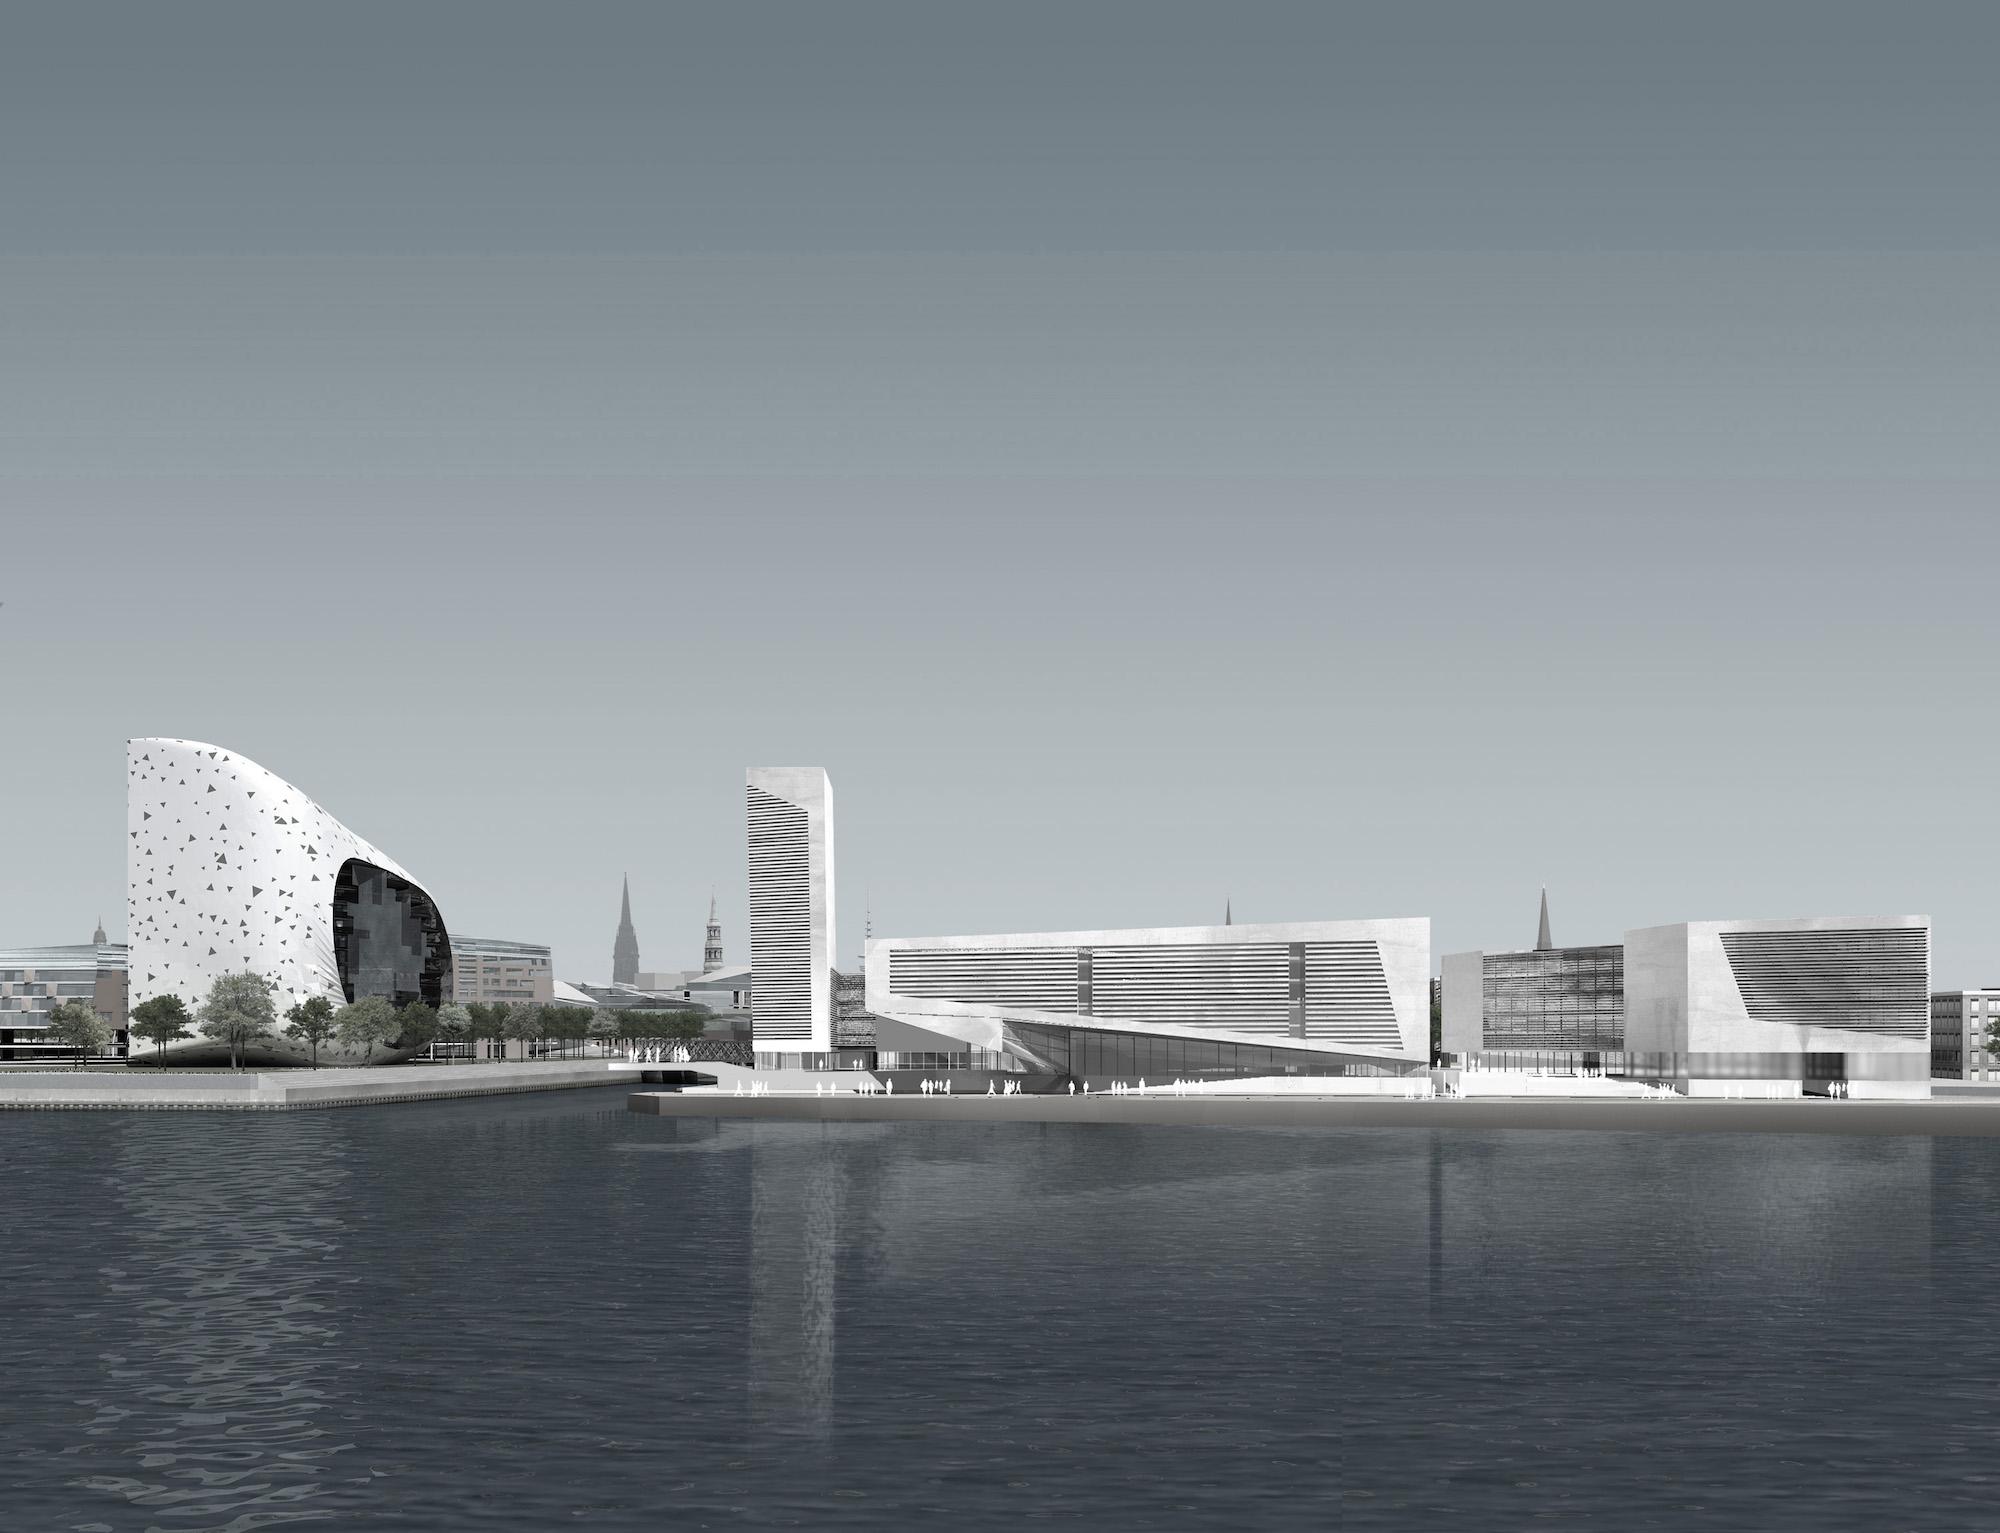 hcu _ wettbewerb hafen city universität, hamburg – gnosa architekten, Innenarchitektur ideen